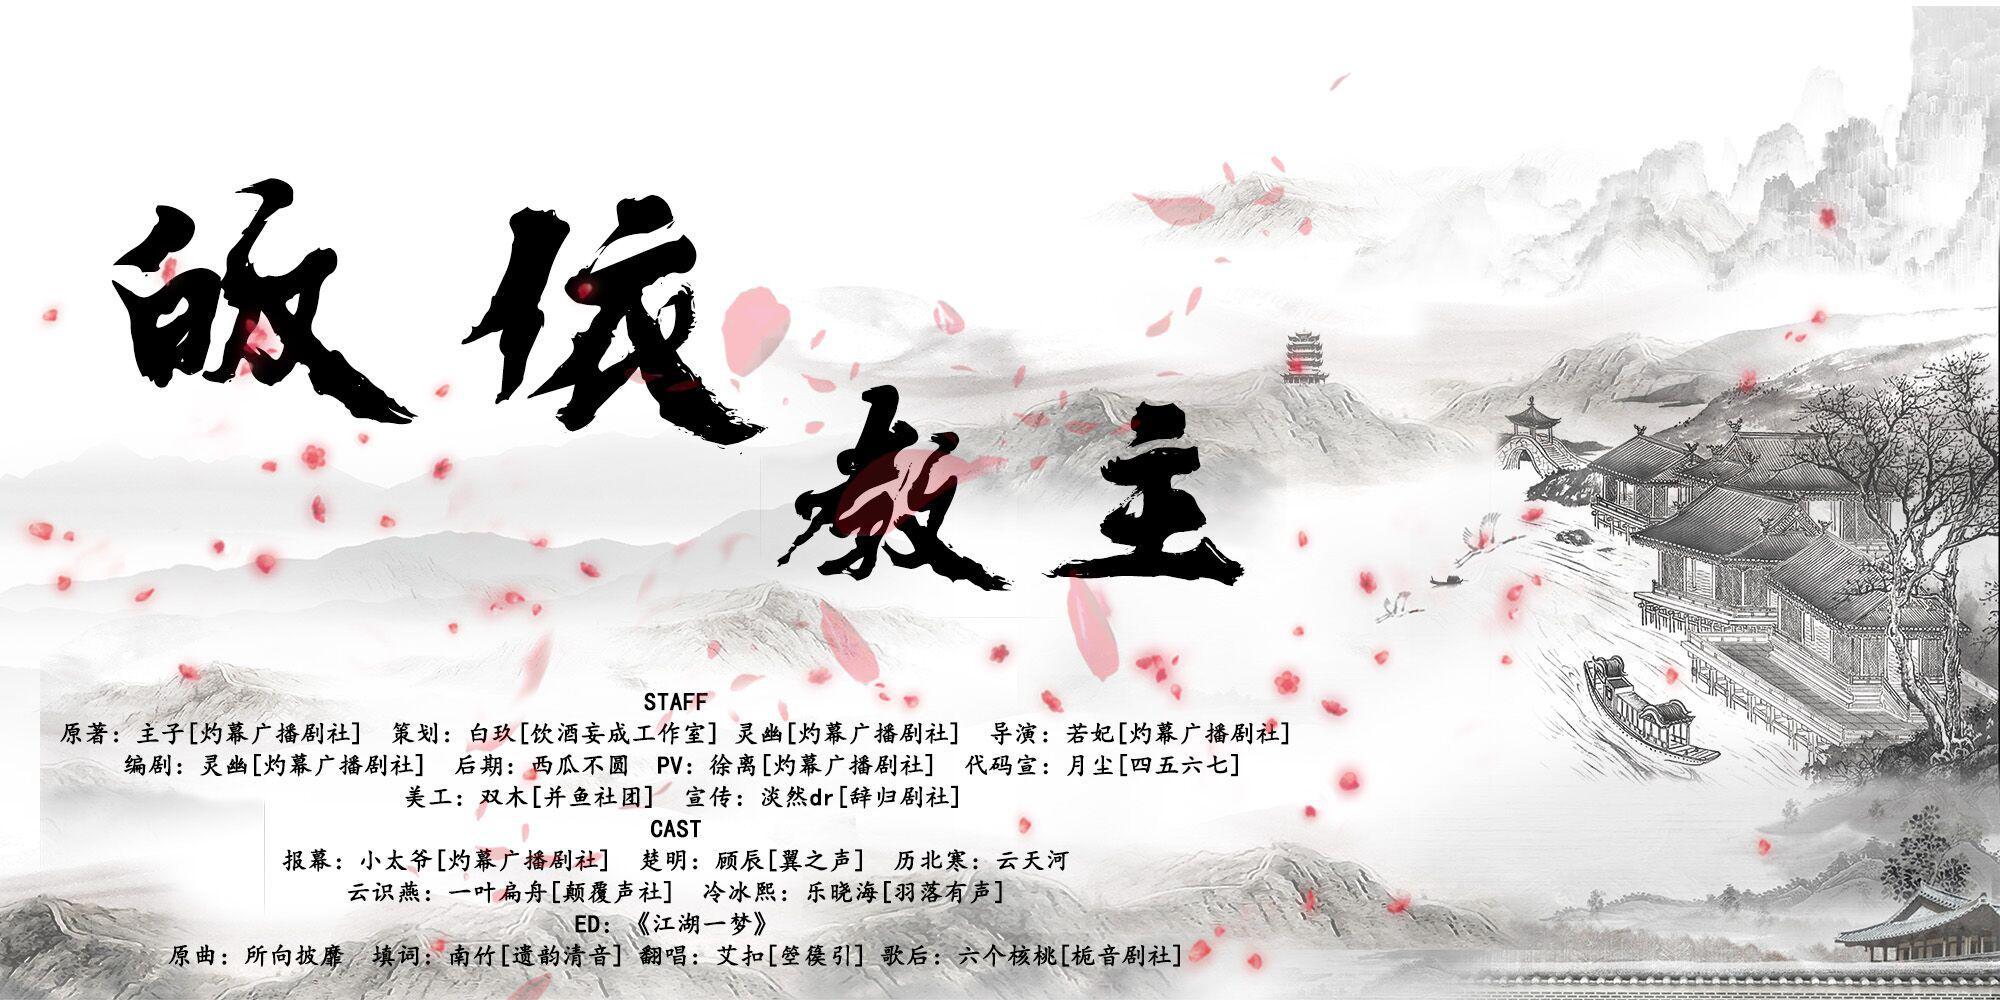 歌手:南竹竹 专辑介绍: 【中抓】古风纯爱《皈依教主》第一期发布啦